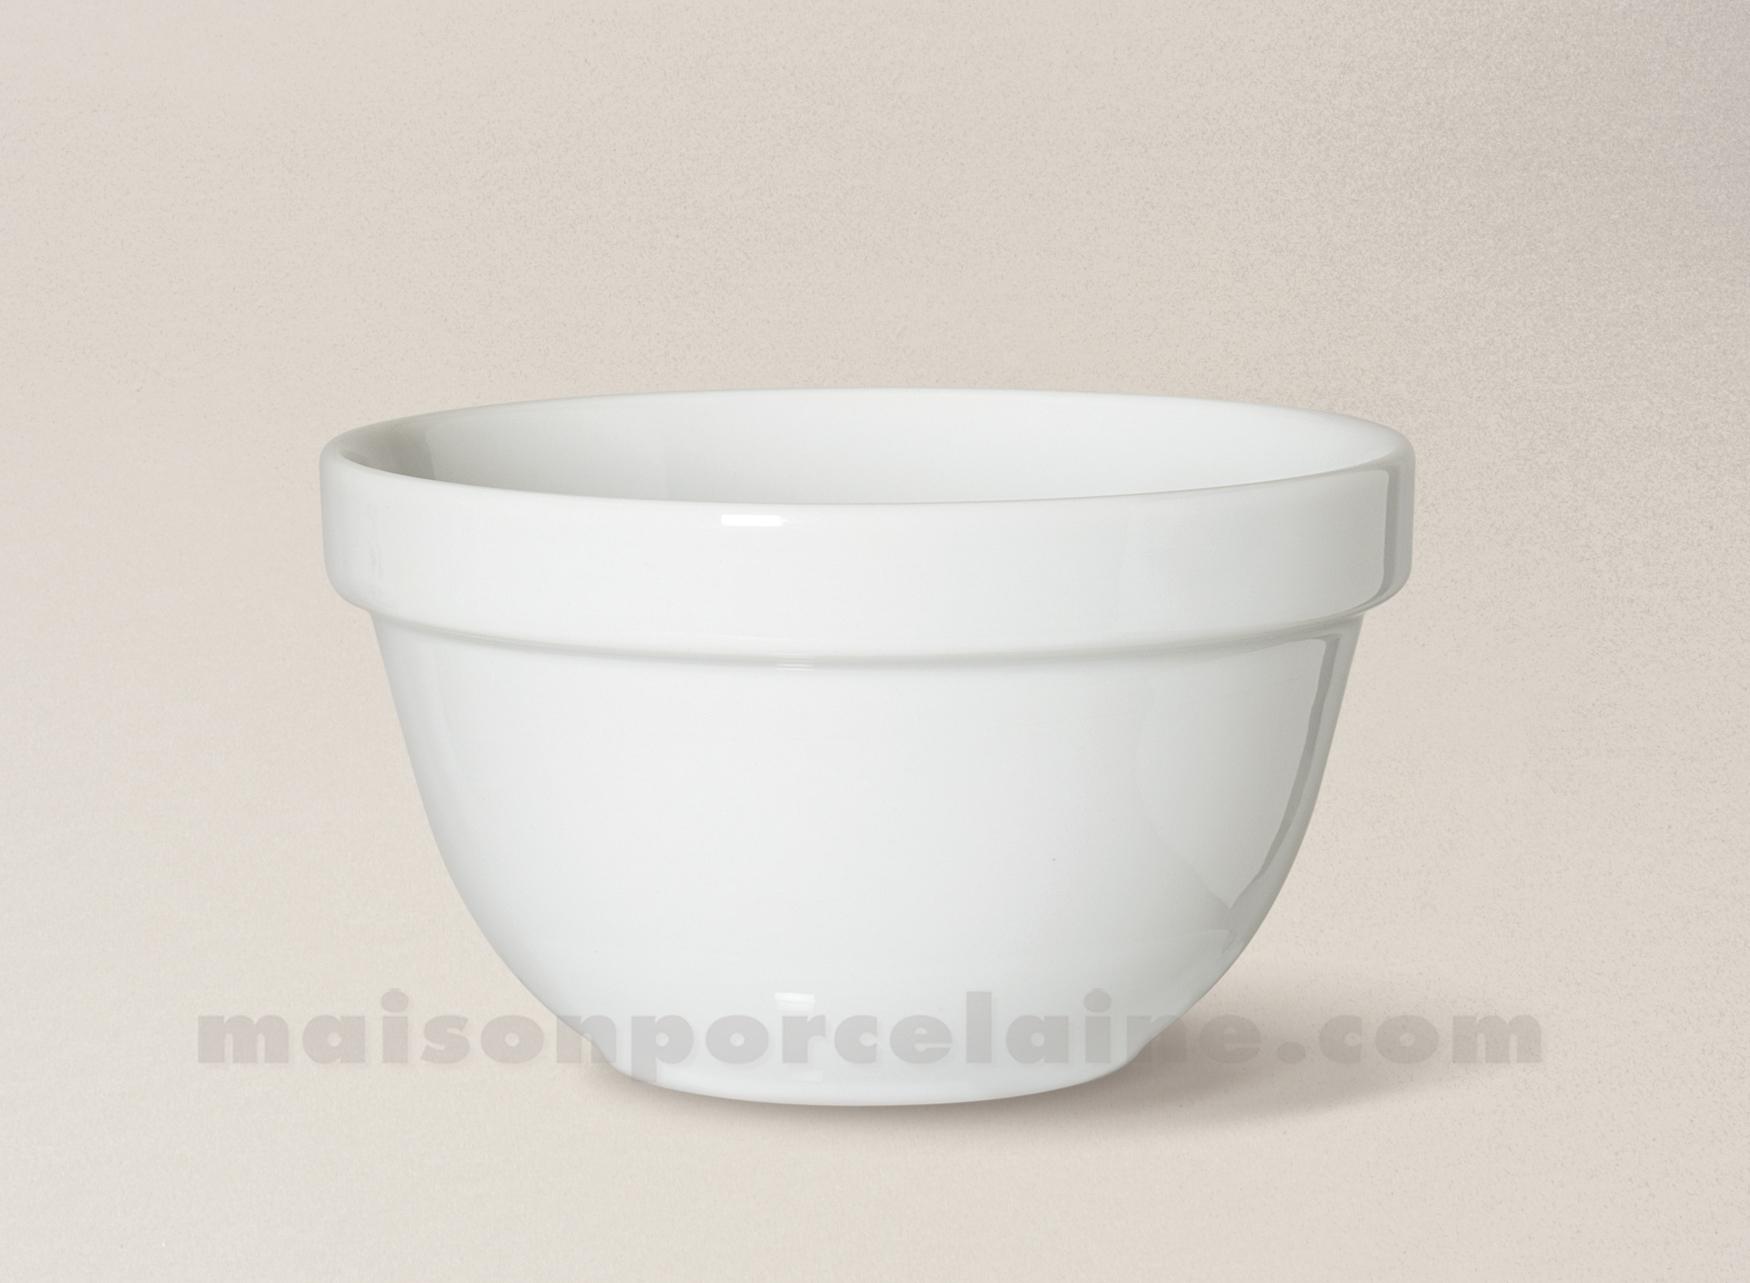 Bol empilable porcelaine blanche 11 5x7 maison de la for Maison de la porcelaine